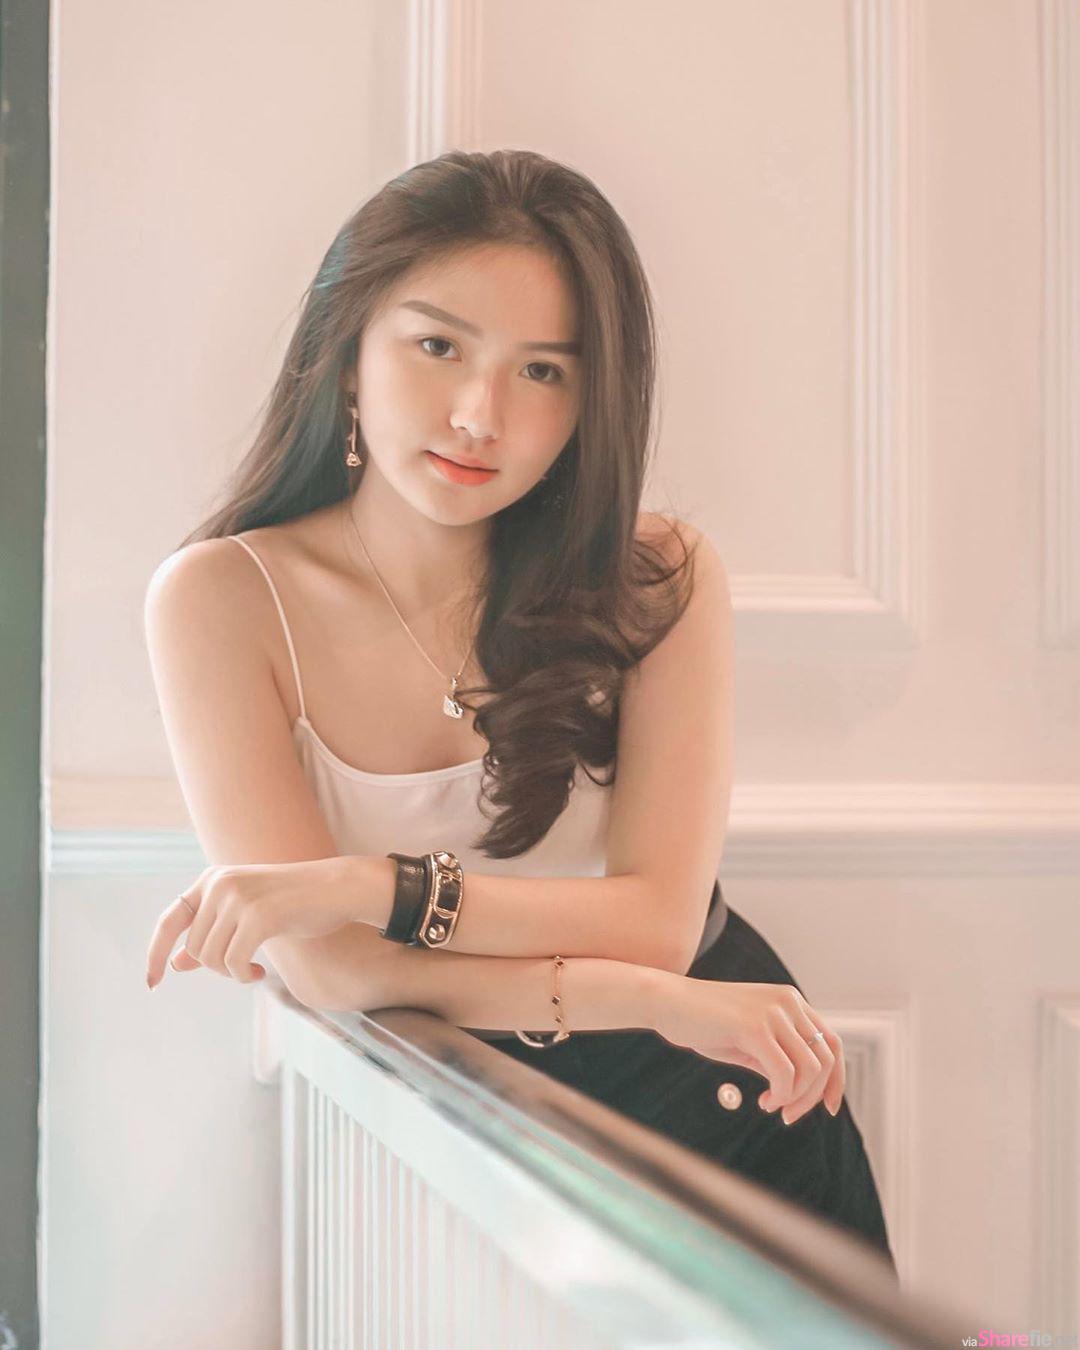 大马正妹Sharren Tan,气质甜美